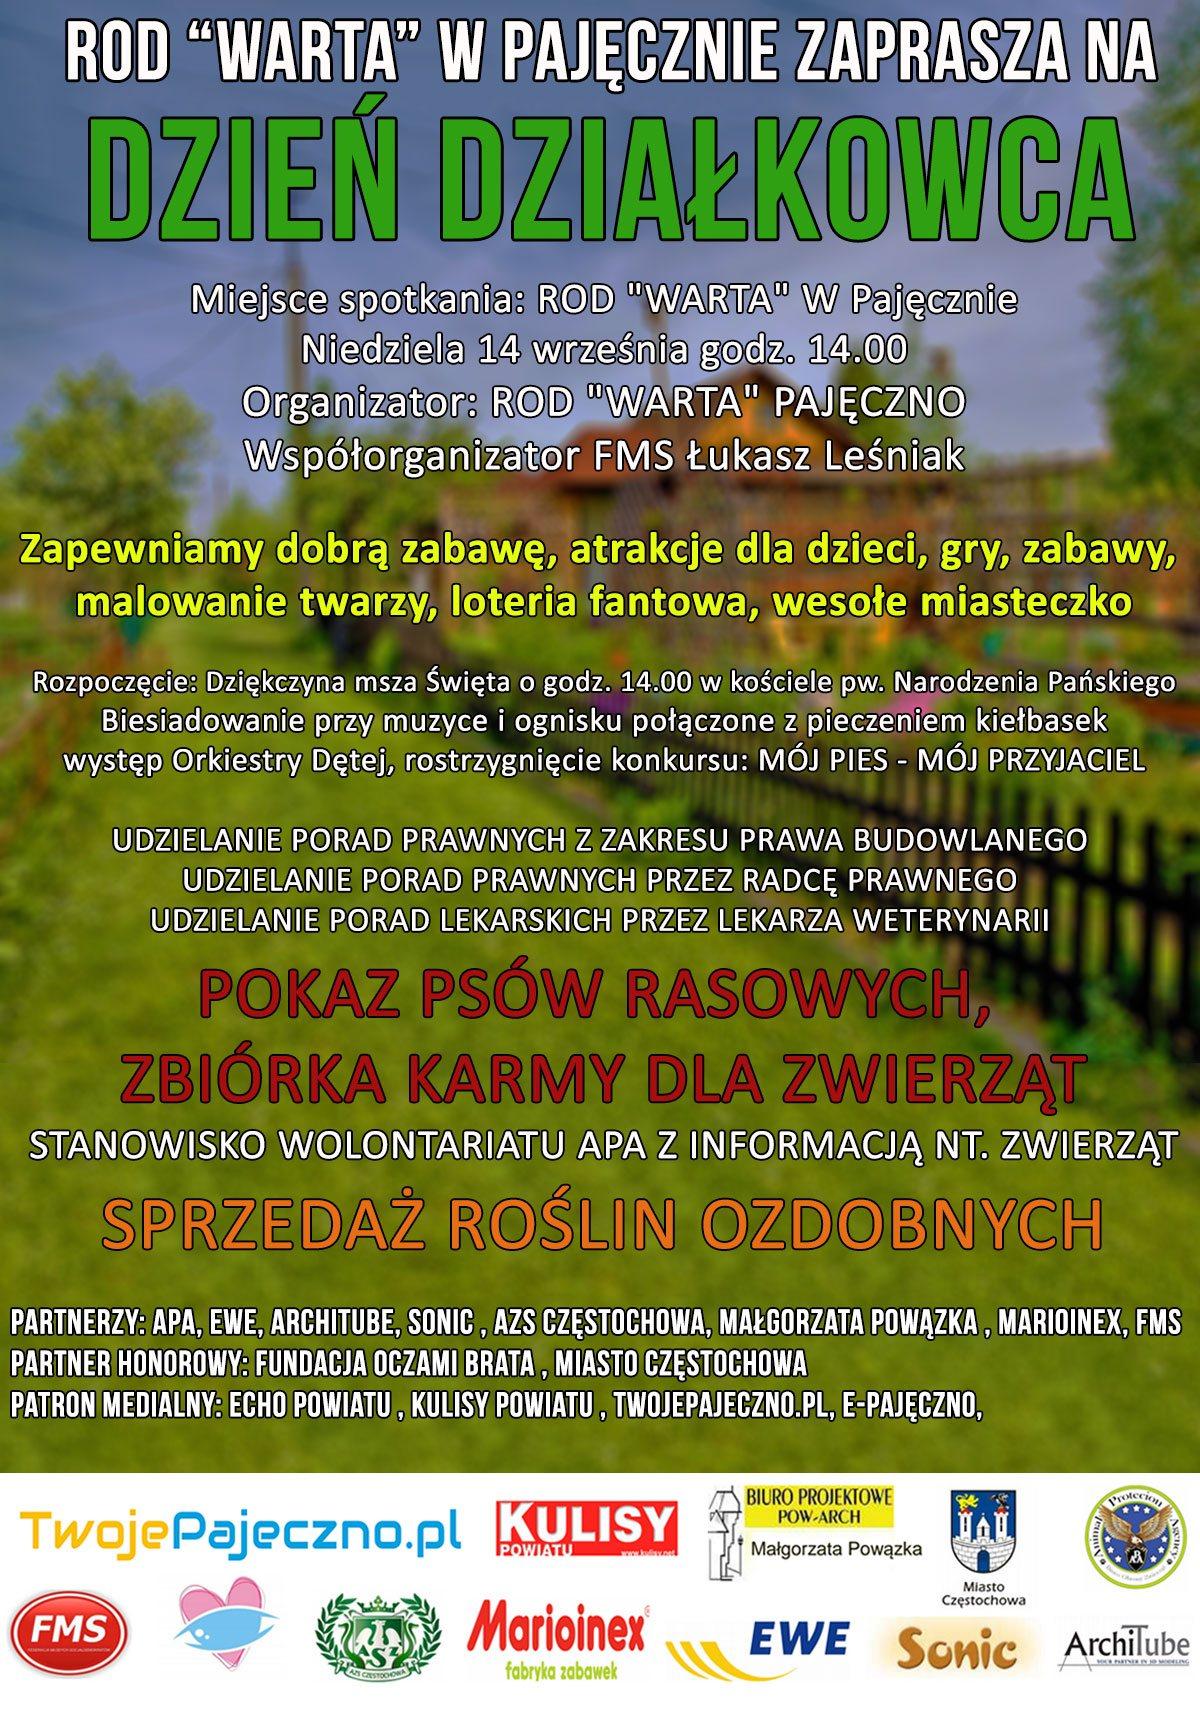 dzien-dzialkowca-pajeczno-2014-plakat